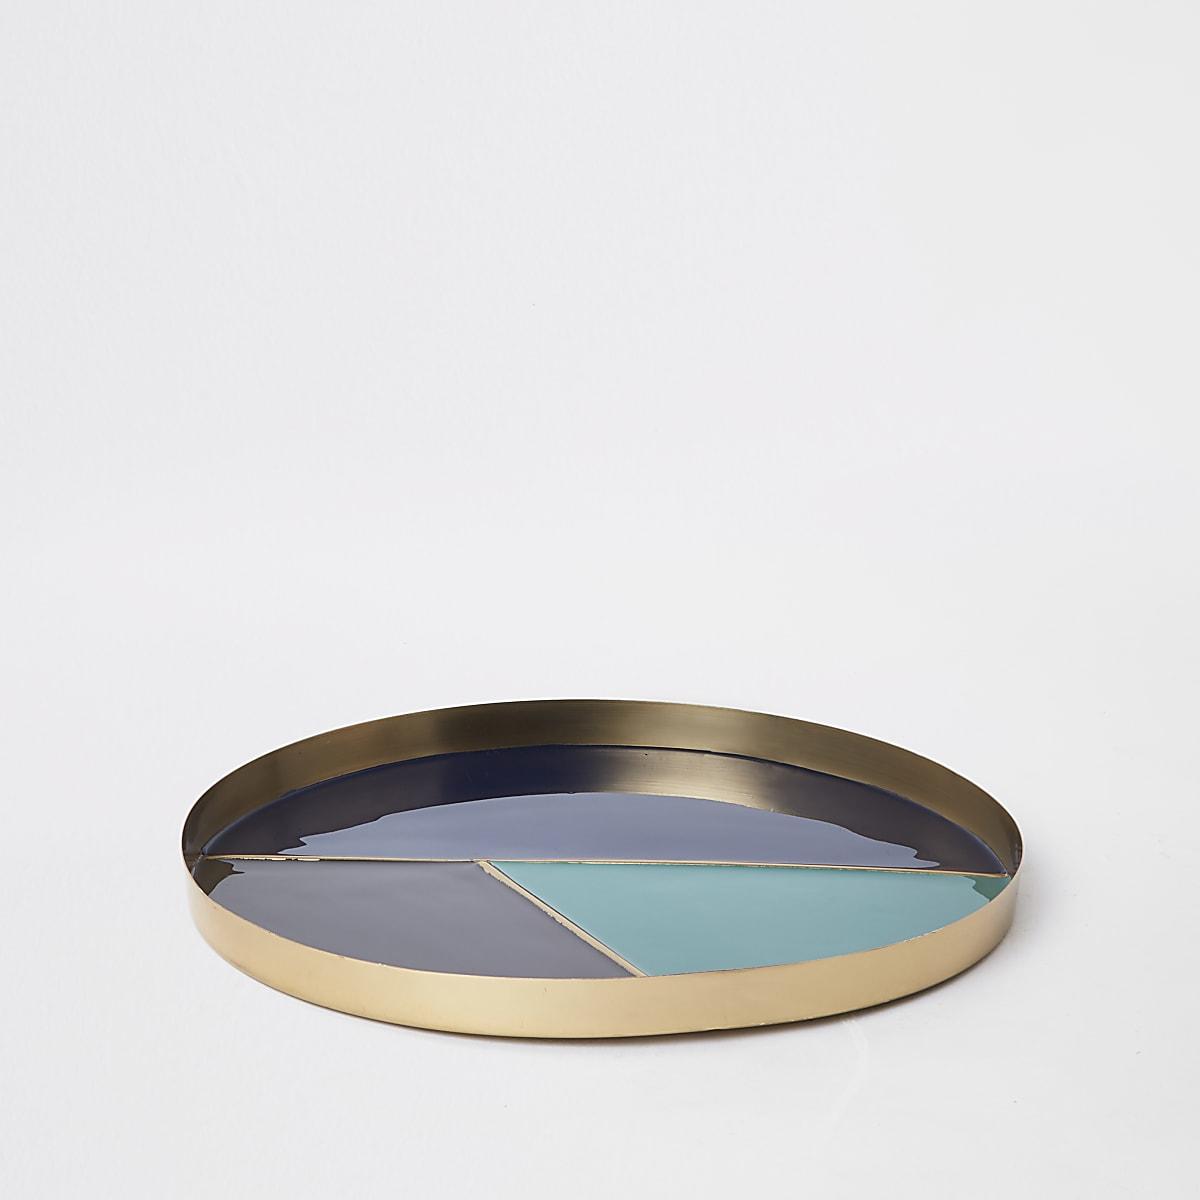 Blauw rond dienblad met kleurvlakken